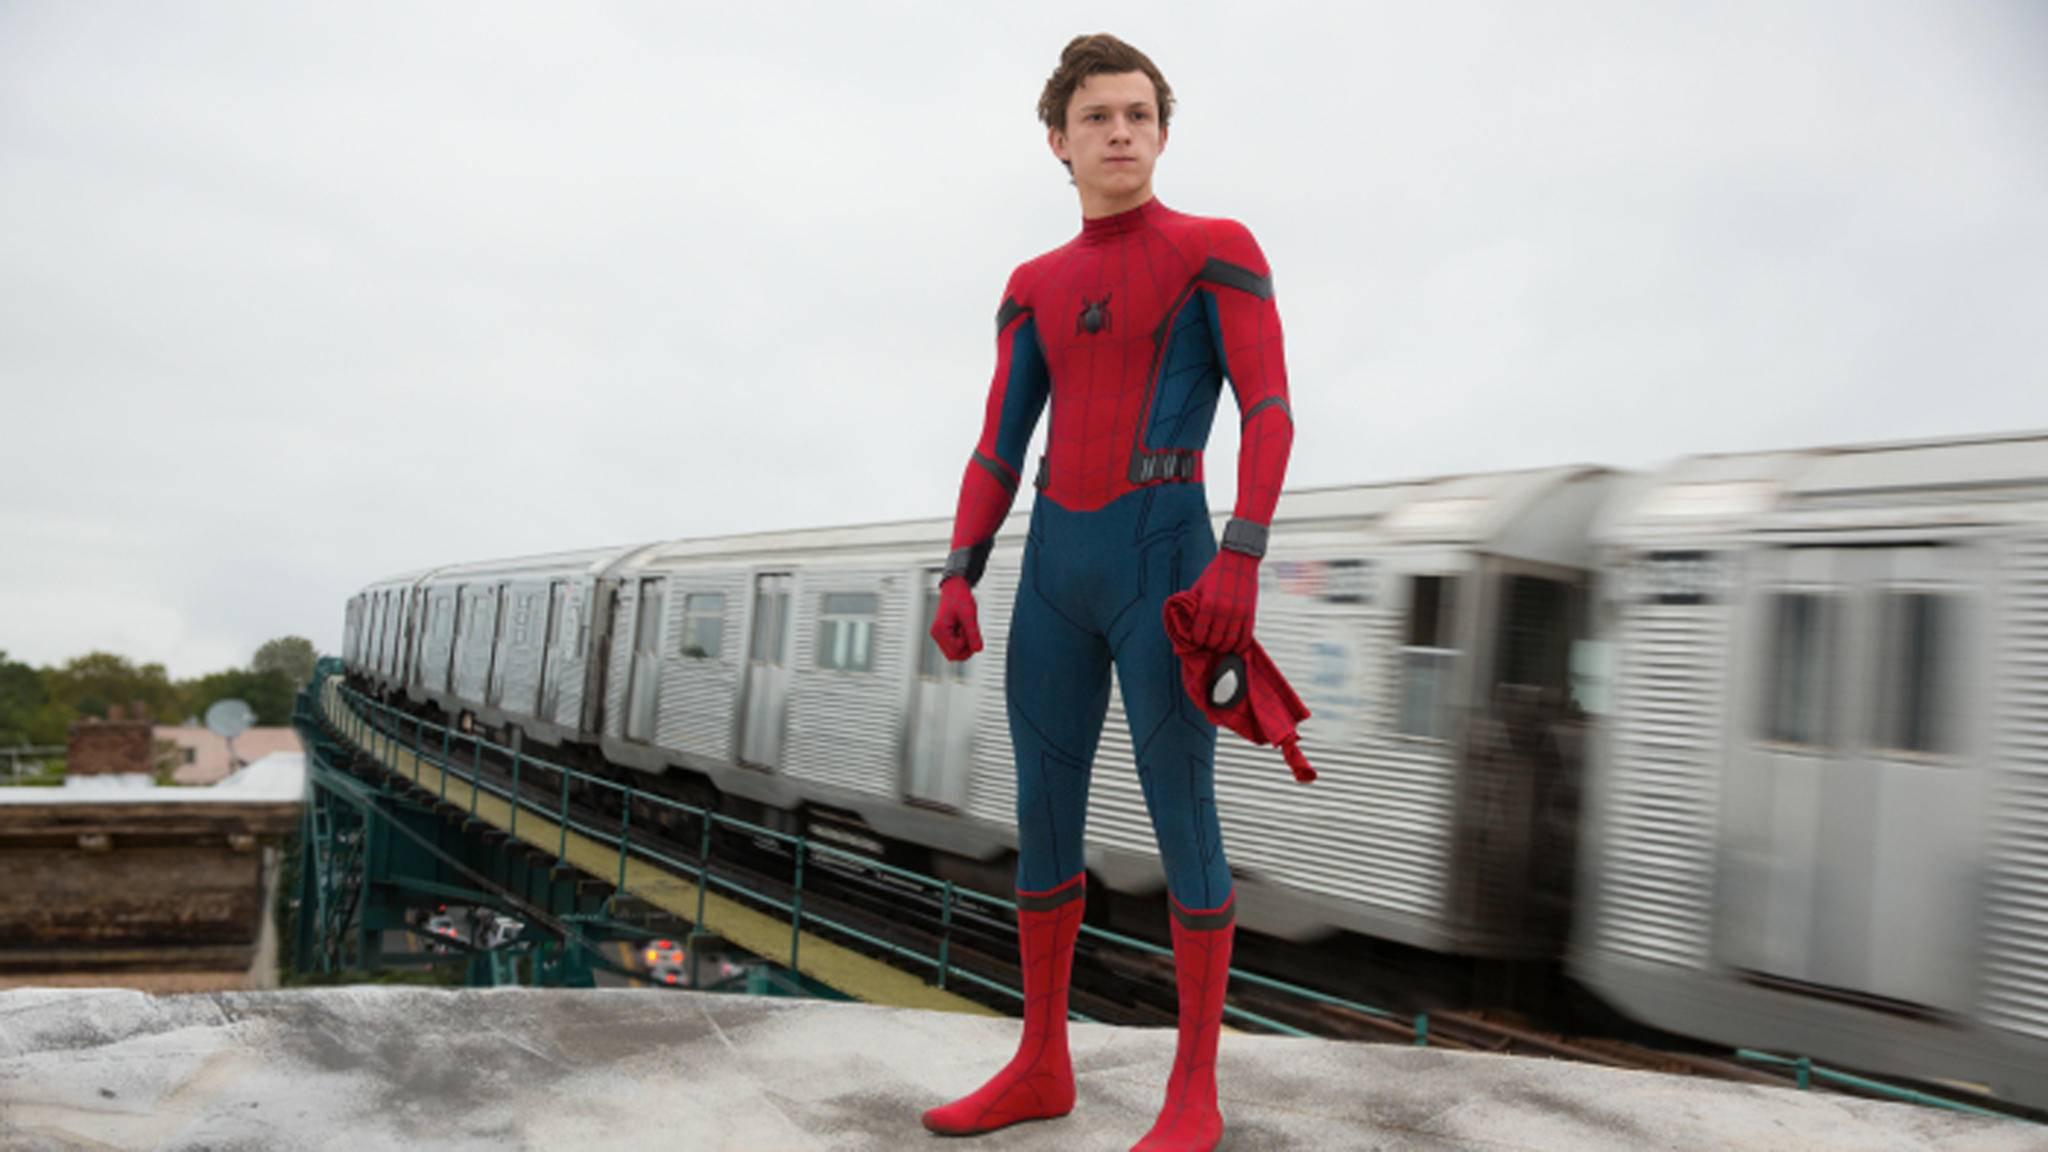 Schwingt sich Tom Holland als Spider-Man mit Deadpool auf die Leinwand?